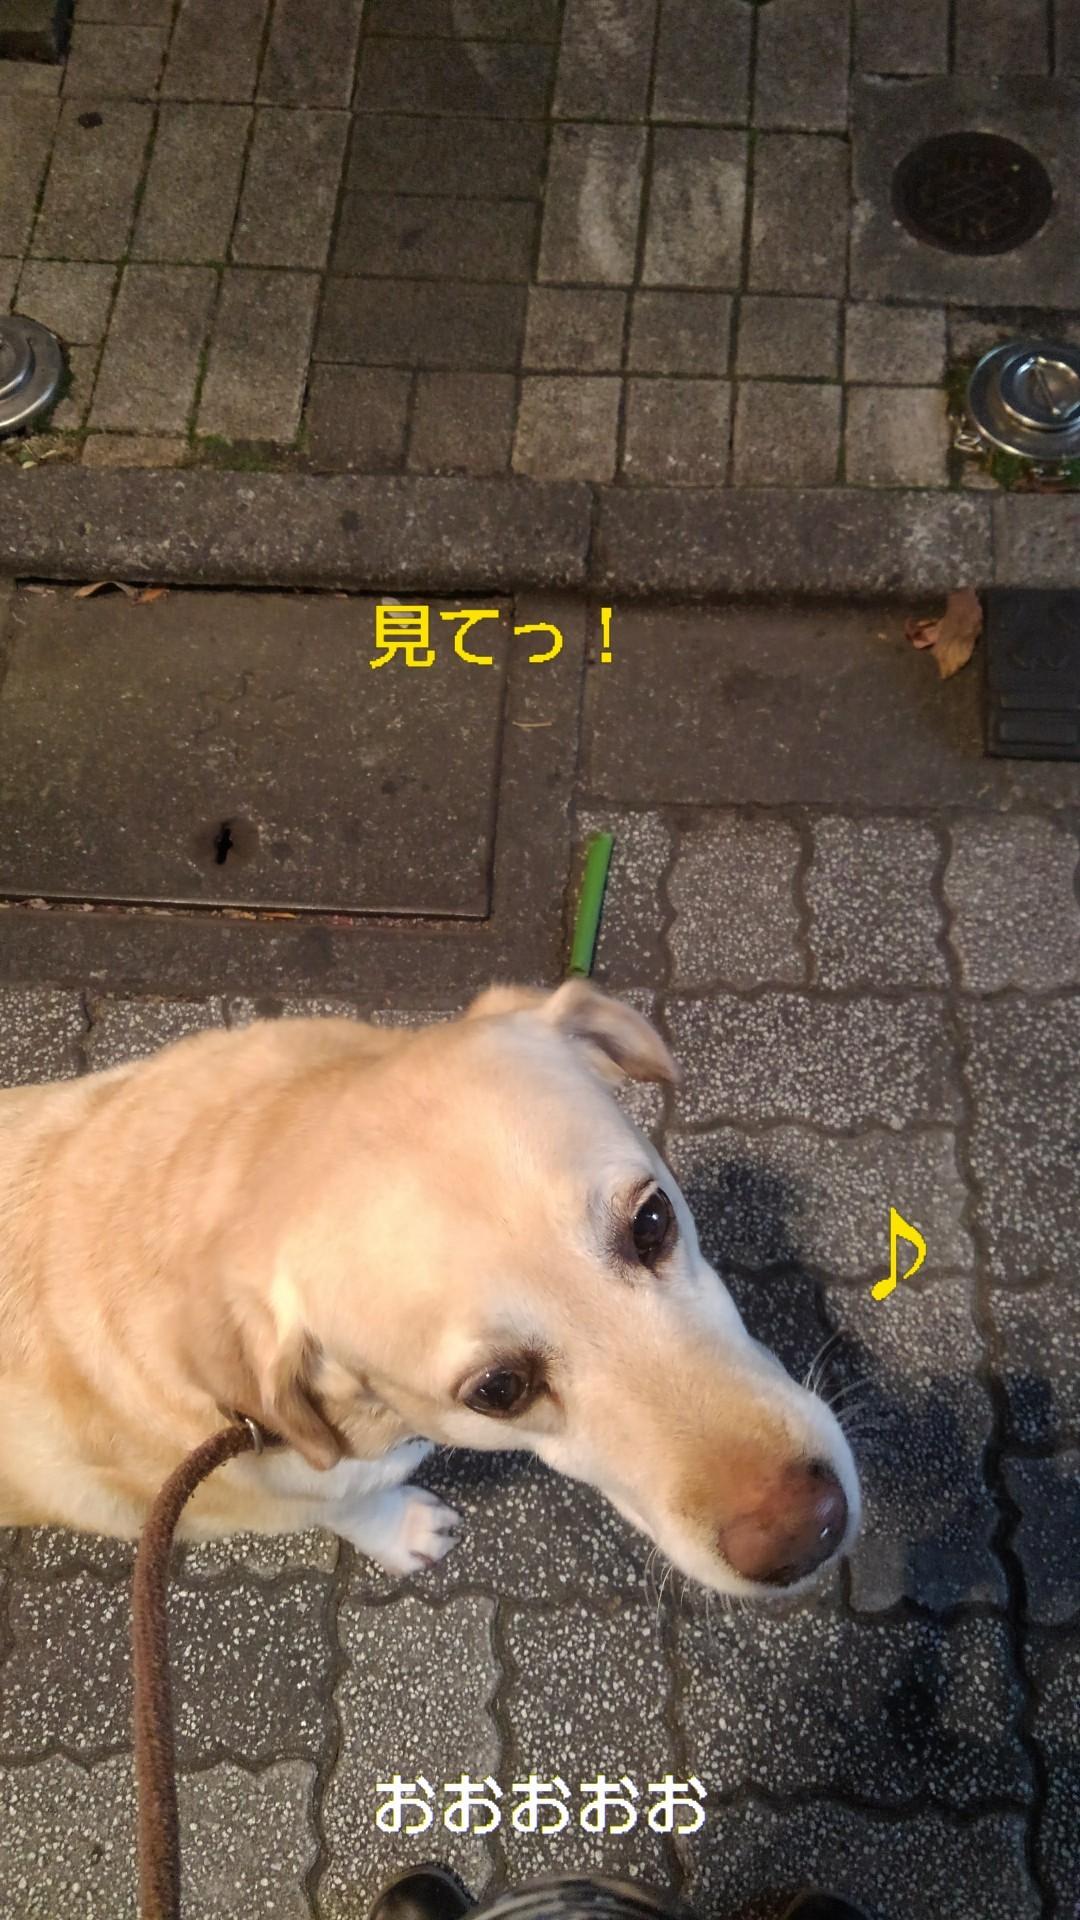 高円寺の落ちネギ・82、83(筒×2)_b0339522_13064974.jpg